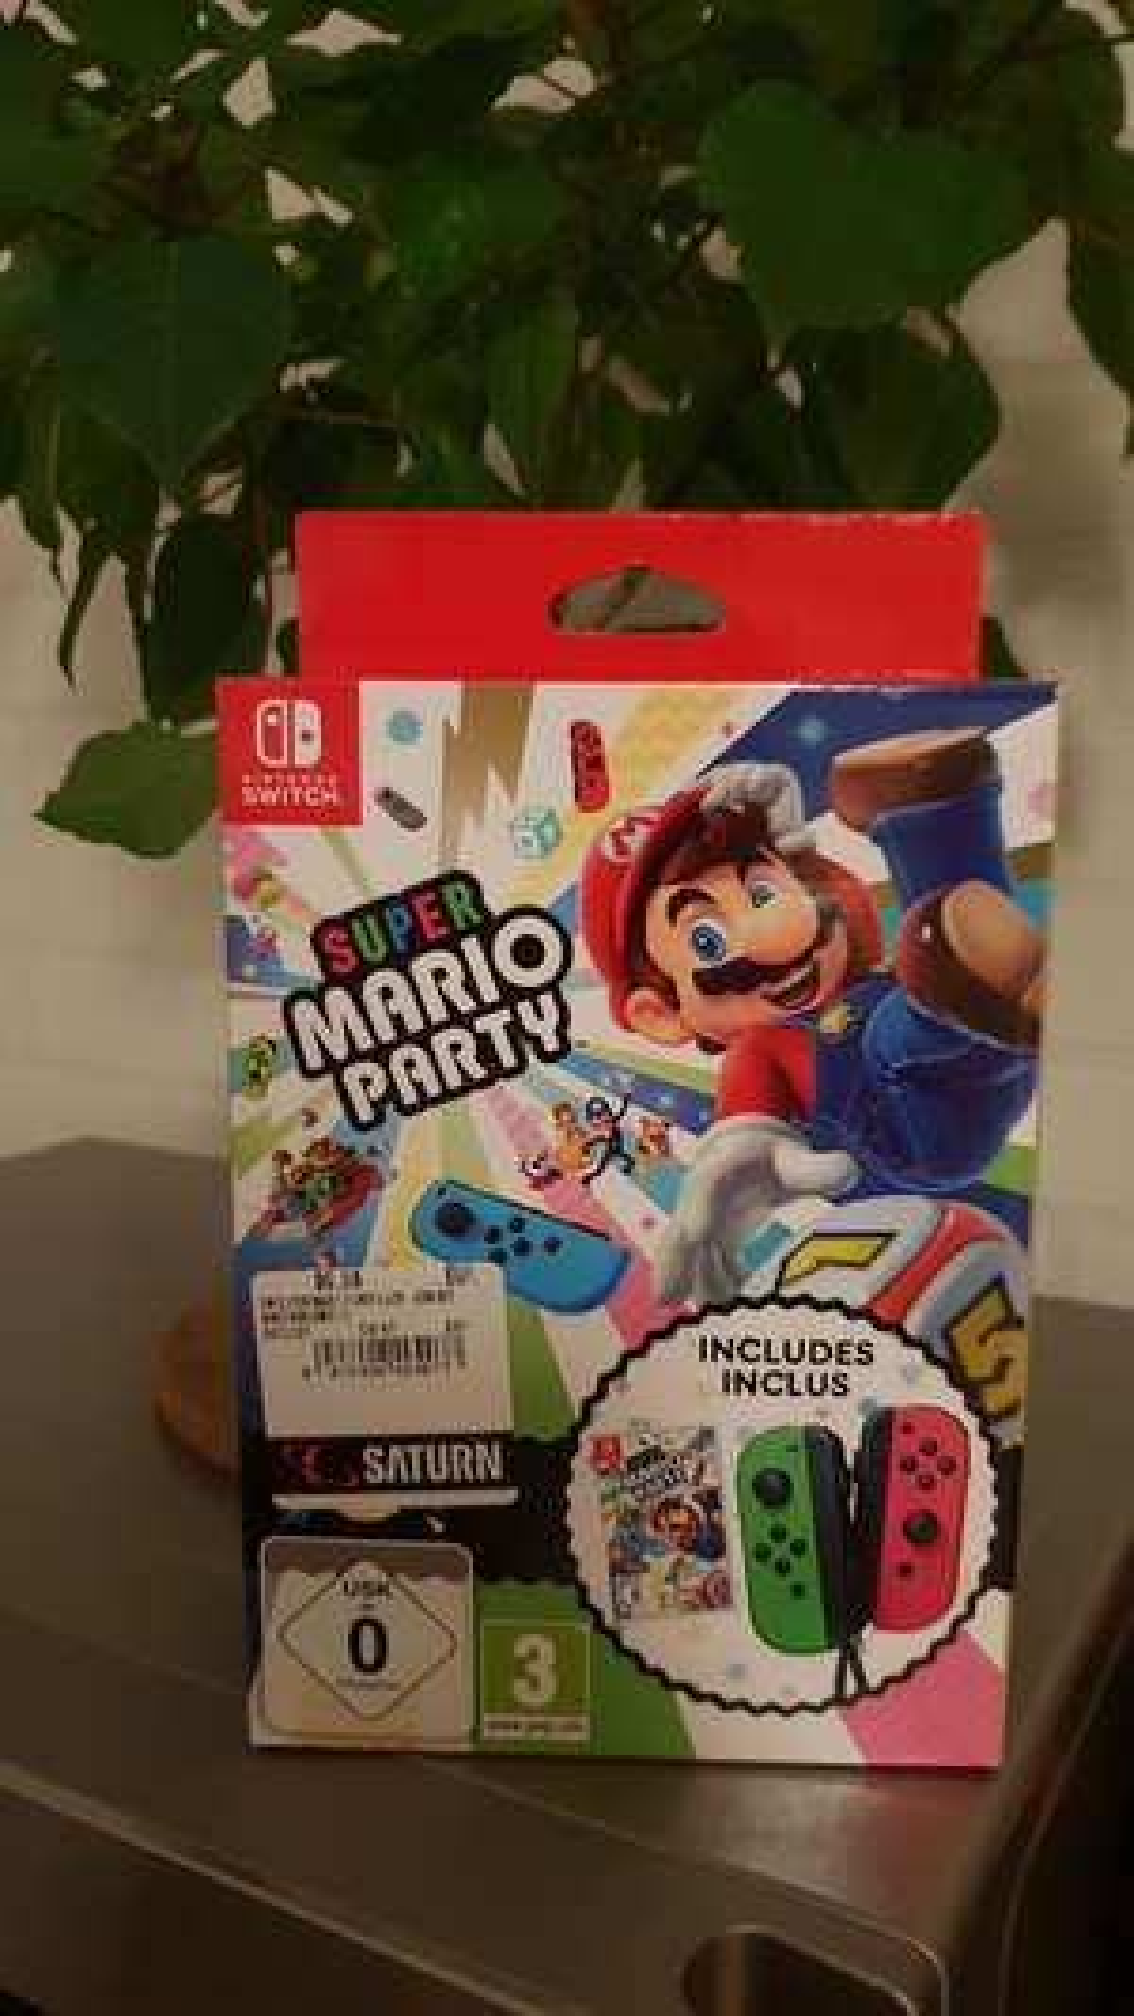 Nintendo Switch Super Mario Party + Joy Con Bundle für 66,66€ pro Bundle bei Kauf von 3 Stück im Saturn Markt